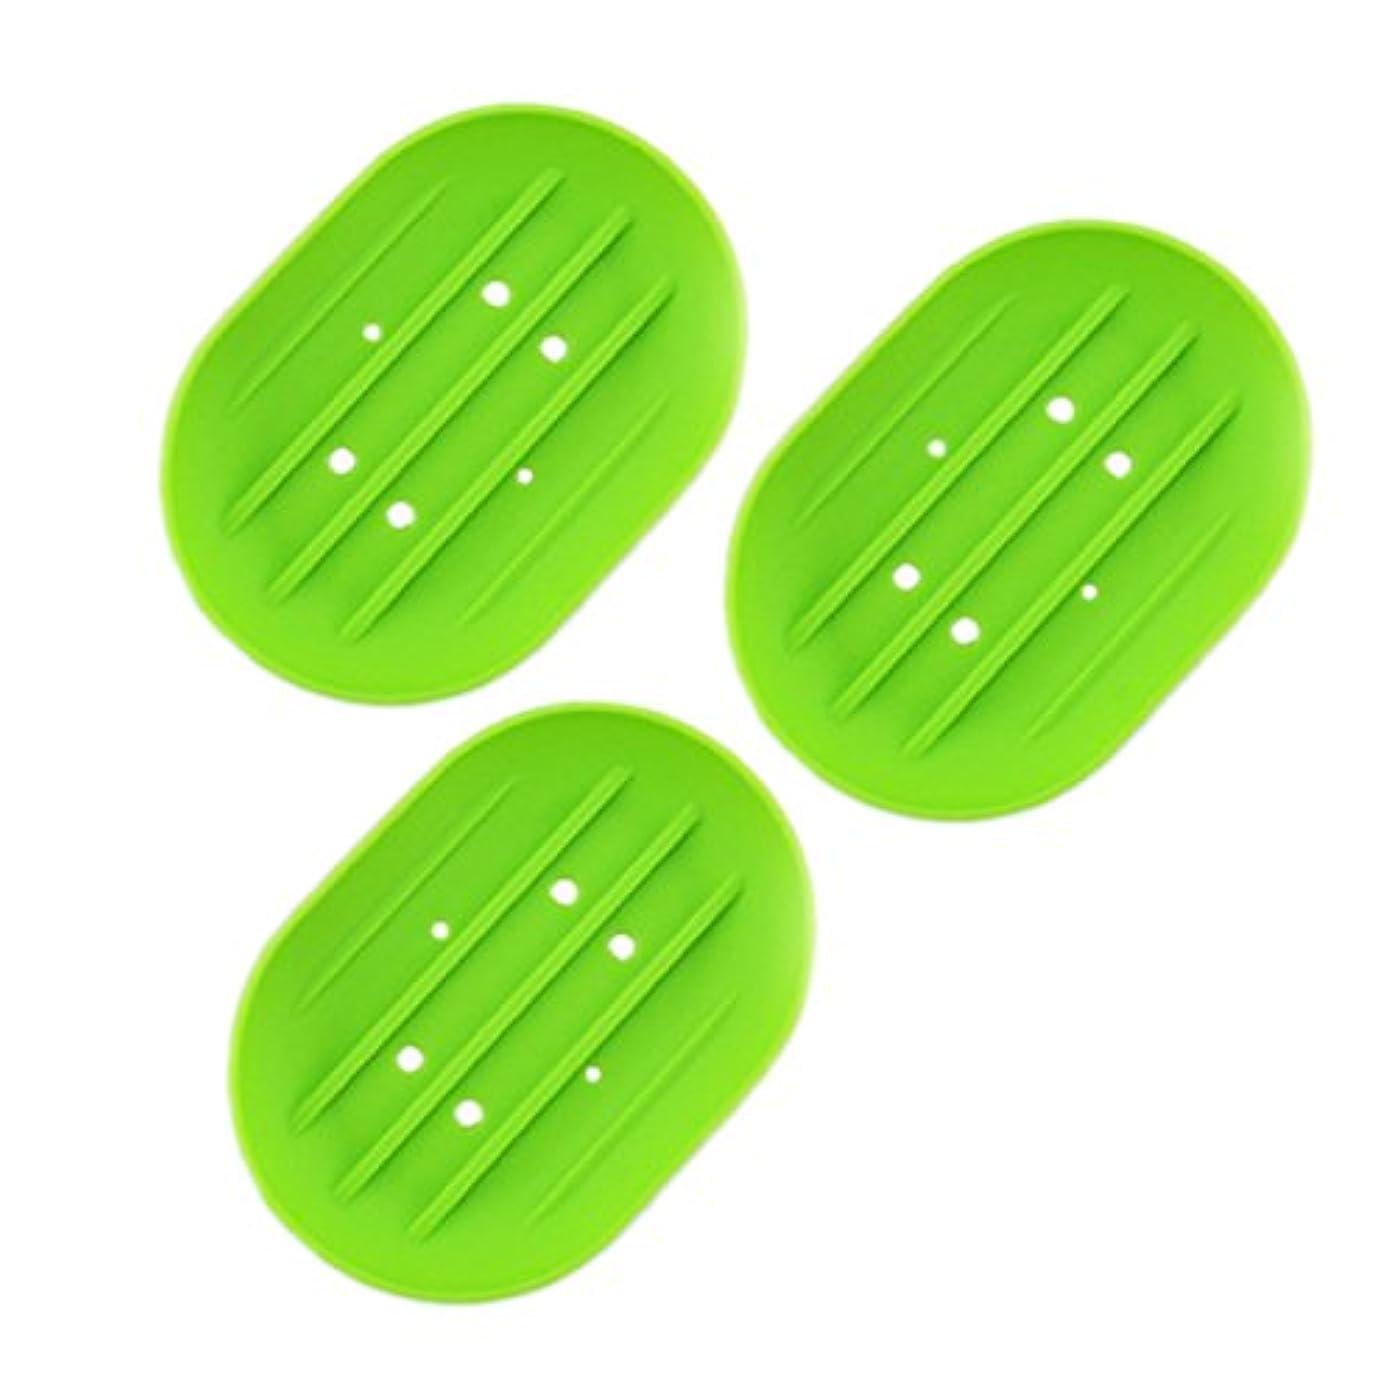 修理工硬いナラーバーBESTOMZ ソープディッシュソープホルダー, 石鹸トレイ乾燥石鹸バー 浴室用キッチン用3連グリーン用